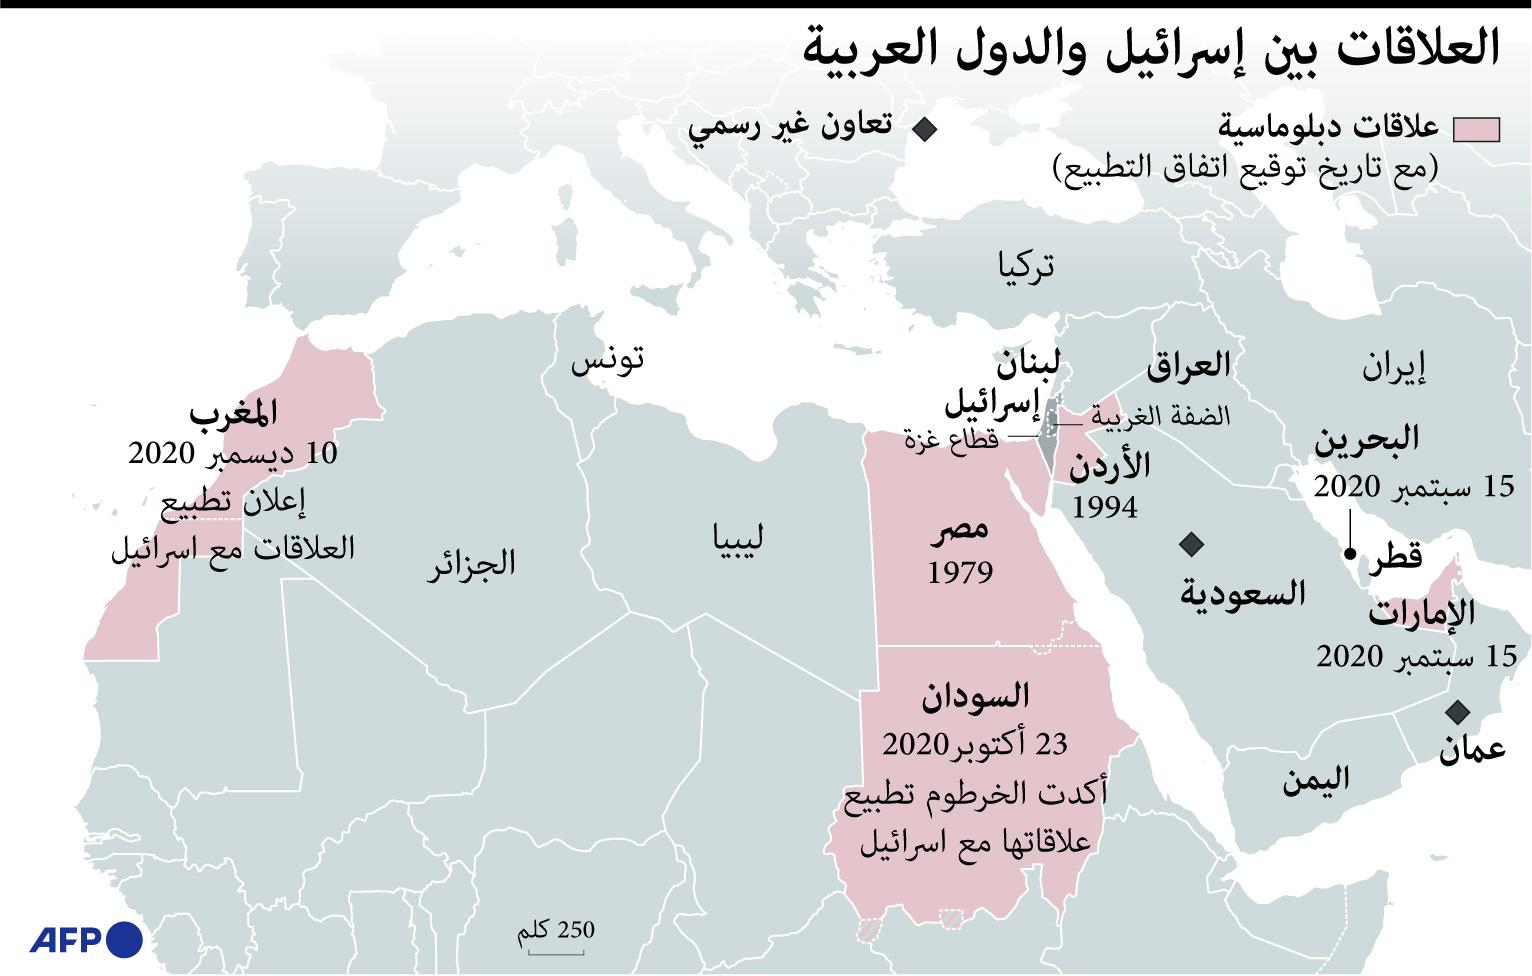 היחסים בין ישראל למדינות ערב